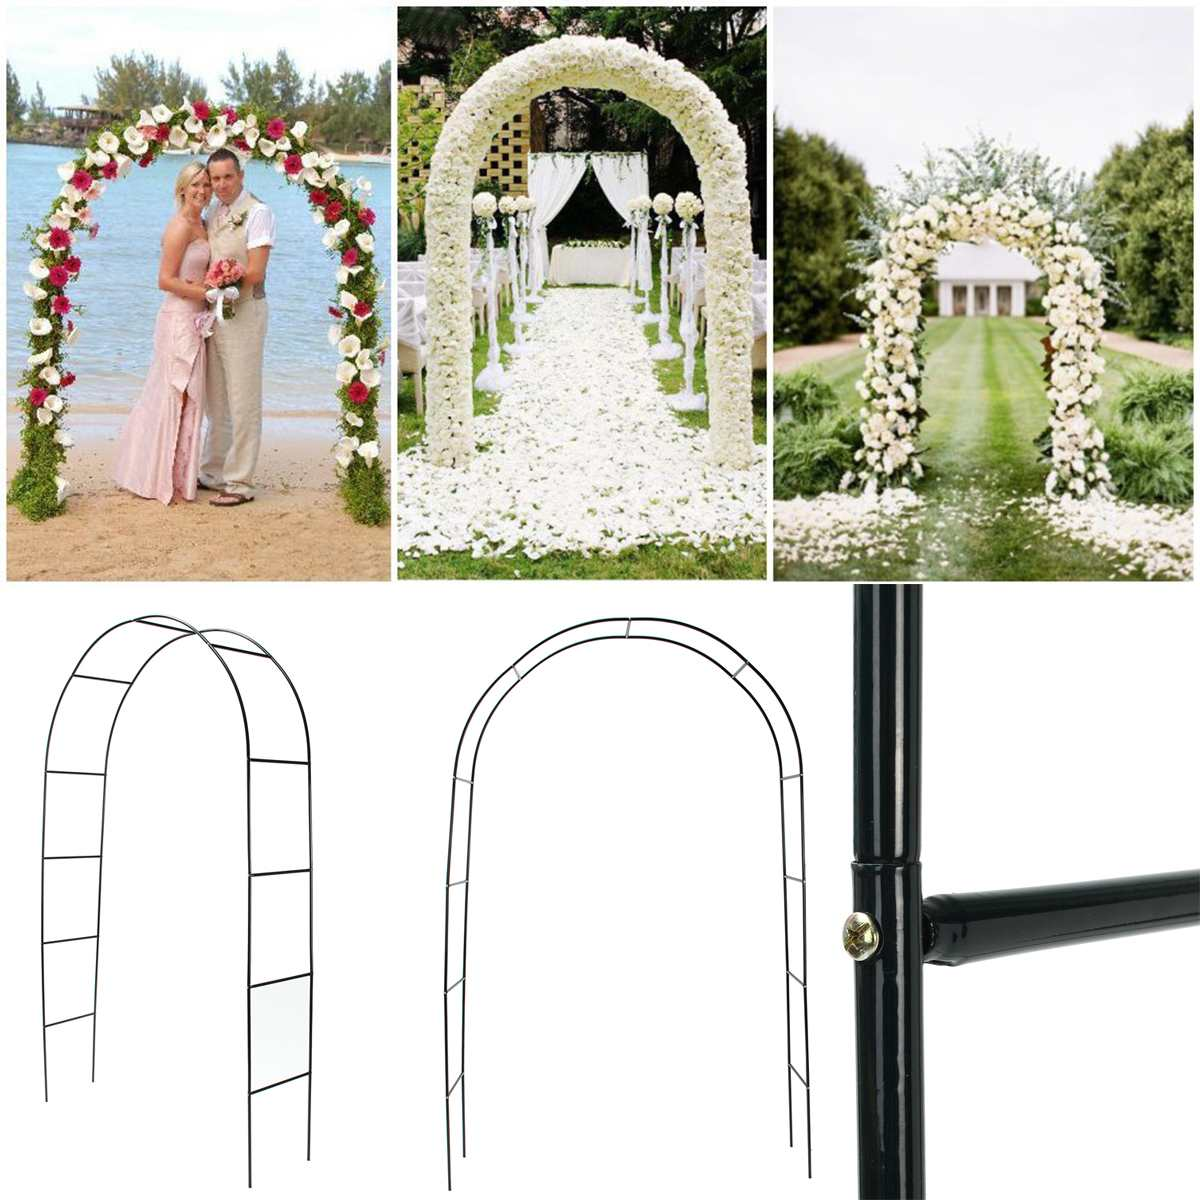 الحديد الزفاف قوس ديكور حديقة خلفية العريشة الوقوف زهرة الإطار للزواج حفل زفاف وعيد ميلاد الديكور لتقوم بها بنفسك قوس